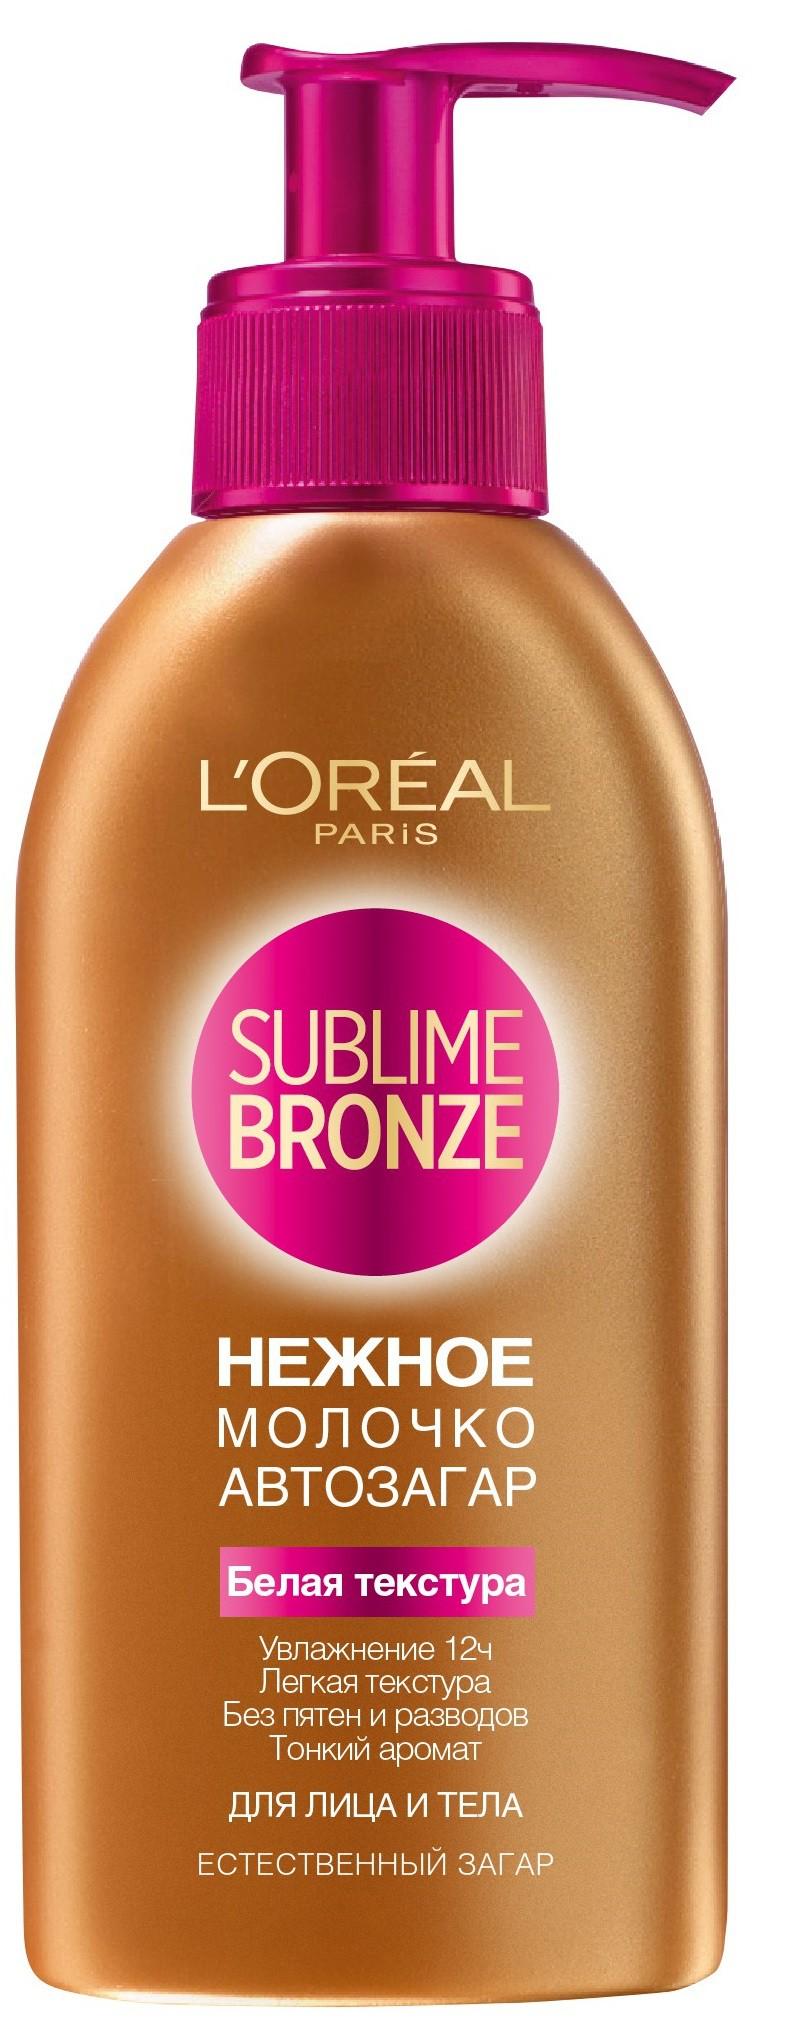 LOreal Paris Sublime Bronze Молочко-автозагар для лица и тела, легкое, тающее, 150 млA7347711Легкое тающее молочко-автозагар LOreal Paris Sublime Bronze было специально создано для новичков в использовании автозагаров. Оно увлажняет кожу и придает ей естественный золотистый загар. Быстро впитывается и не оставляет пятен на одежде. Компонент автозагара повторяет цвет меланина, естественного пигмента, вырабатываемого вашей кожей на солнце.